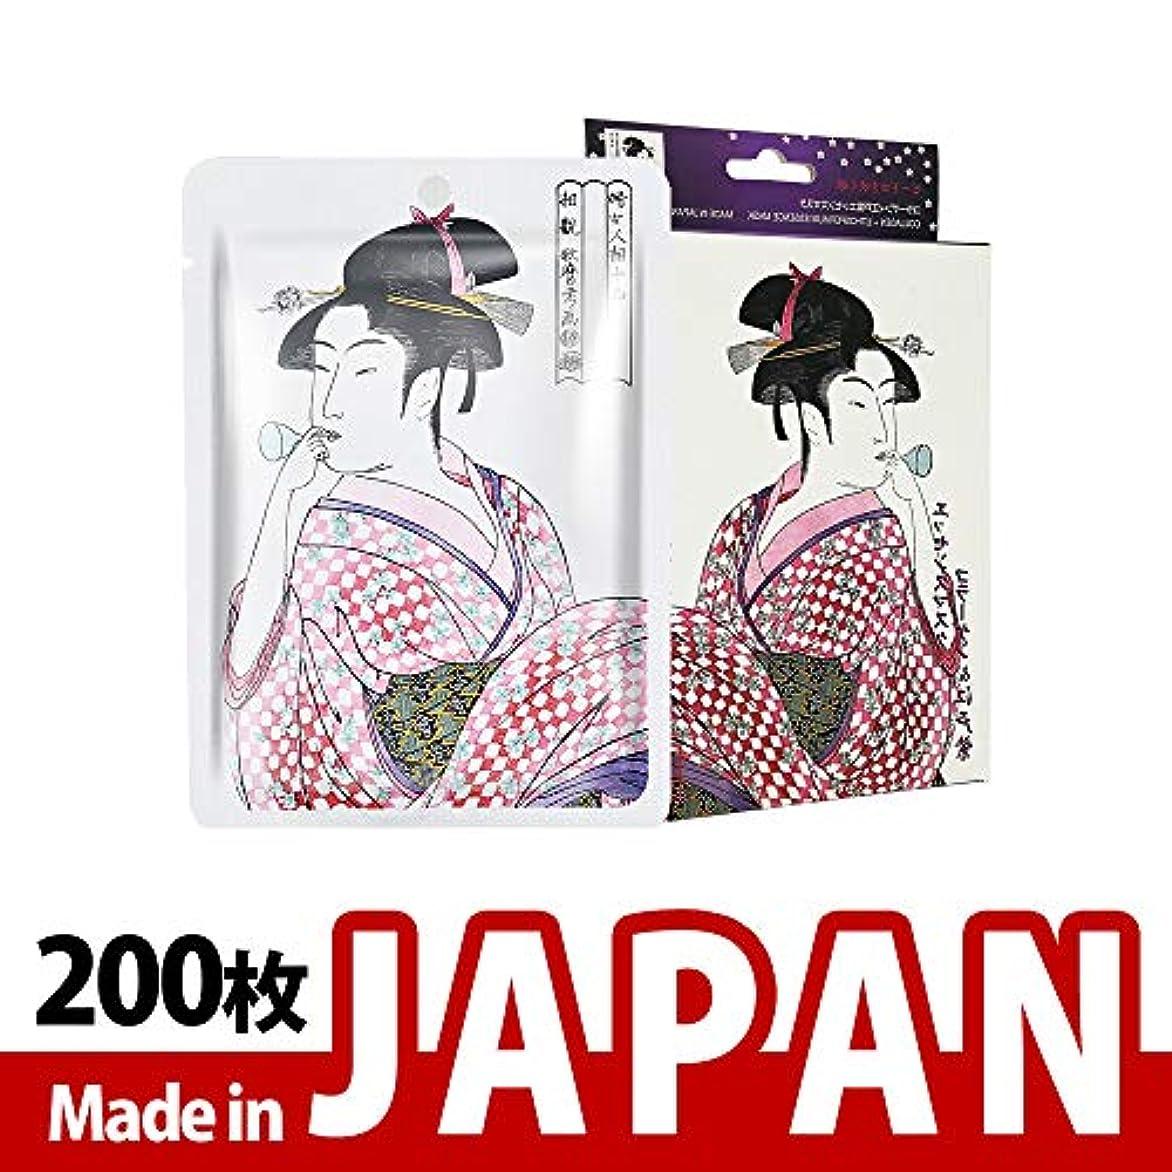 メアリアンジョーンズセンチメートル予感MITOMO【JP002-A-2】日本製シートマスク/10枚入り/200枚/美容液/マスクパック/送料無料